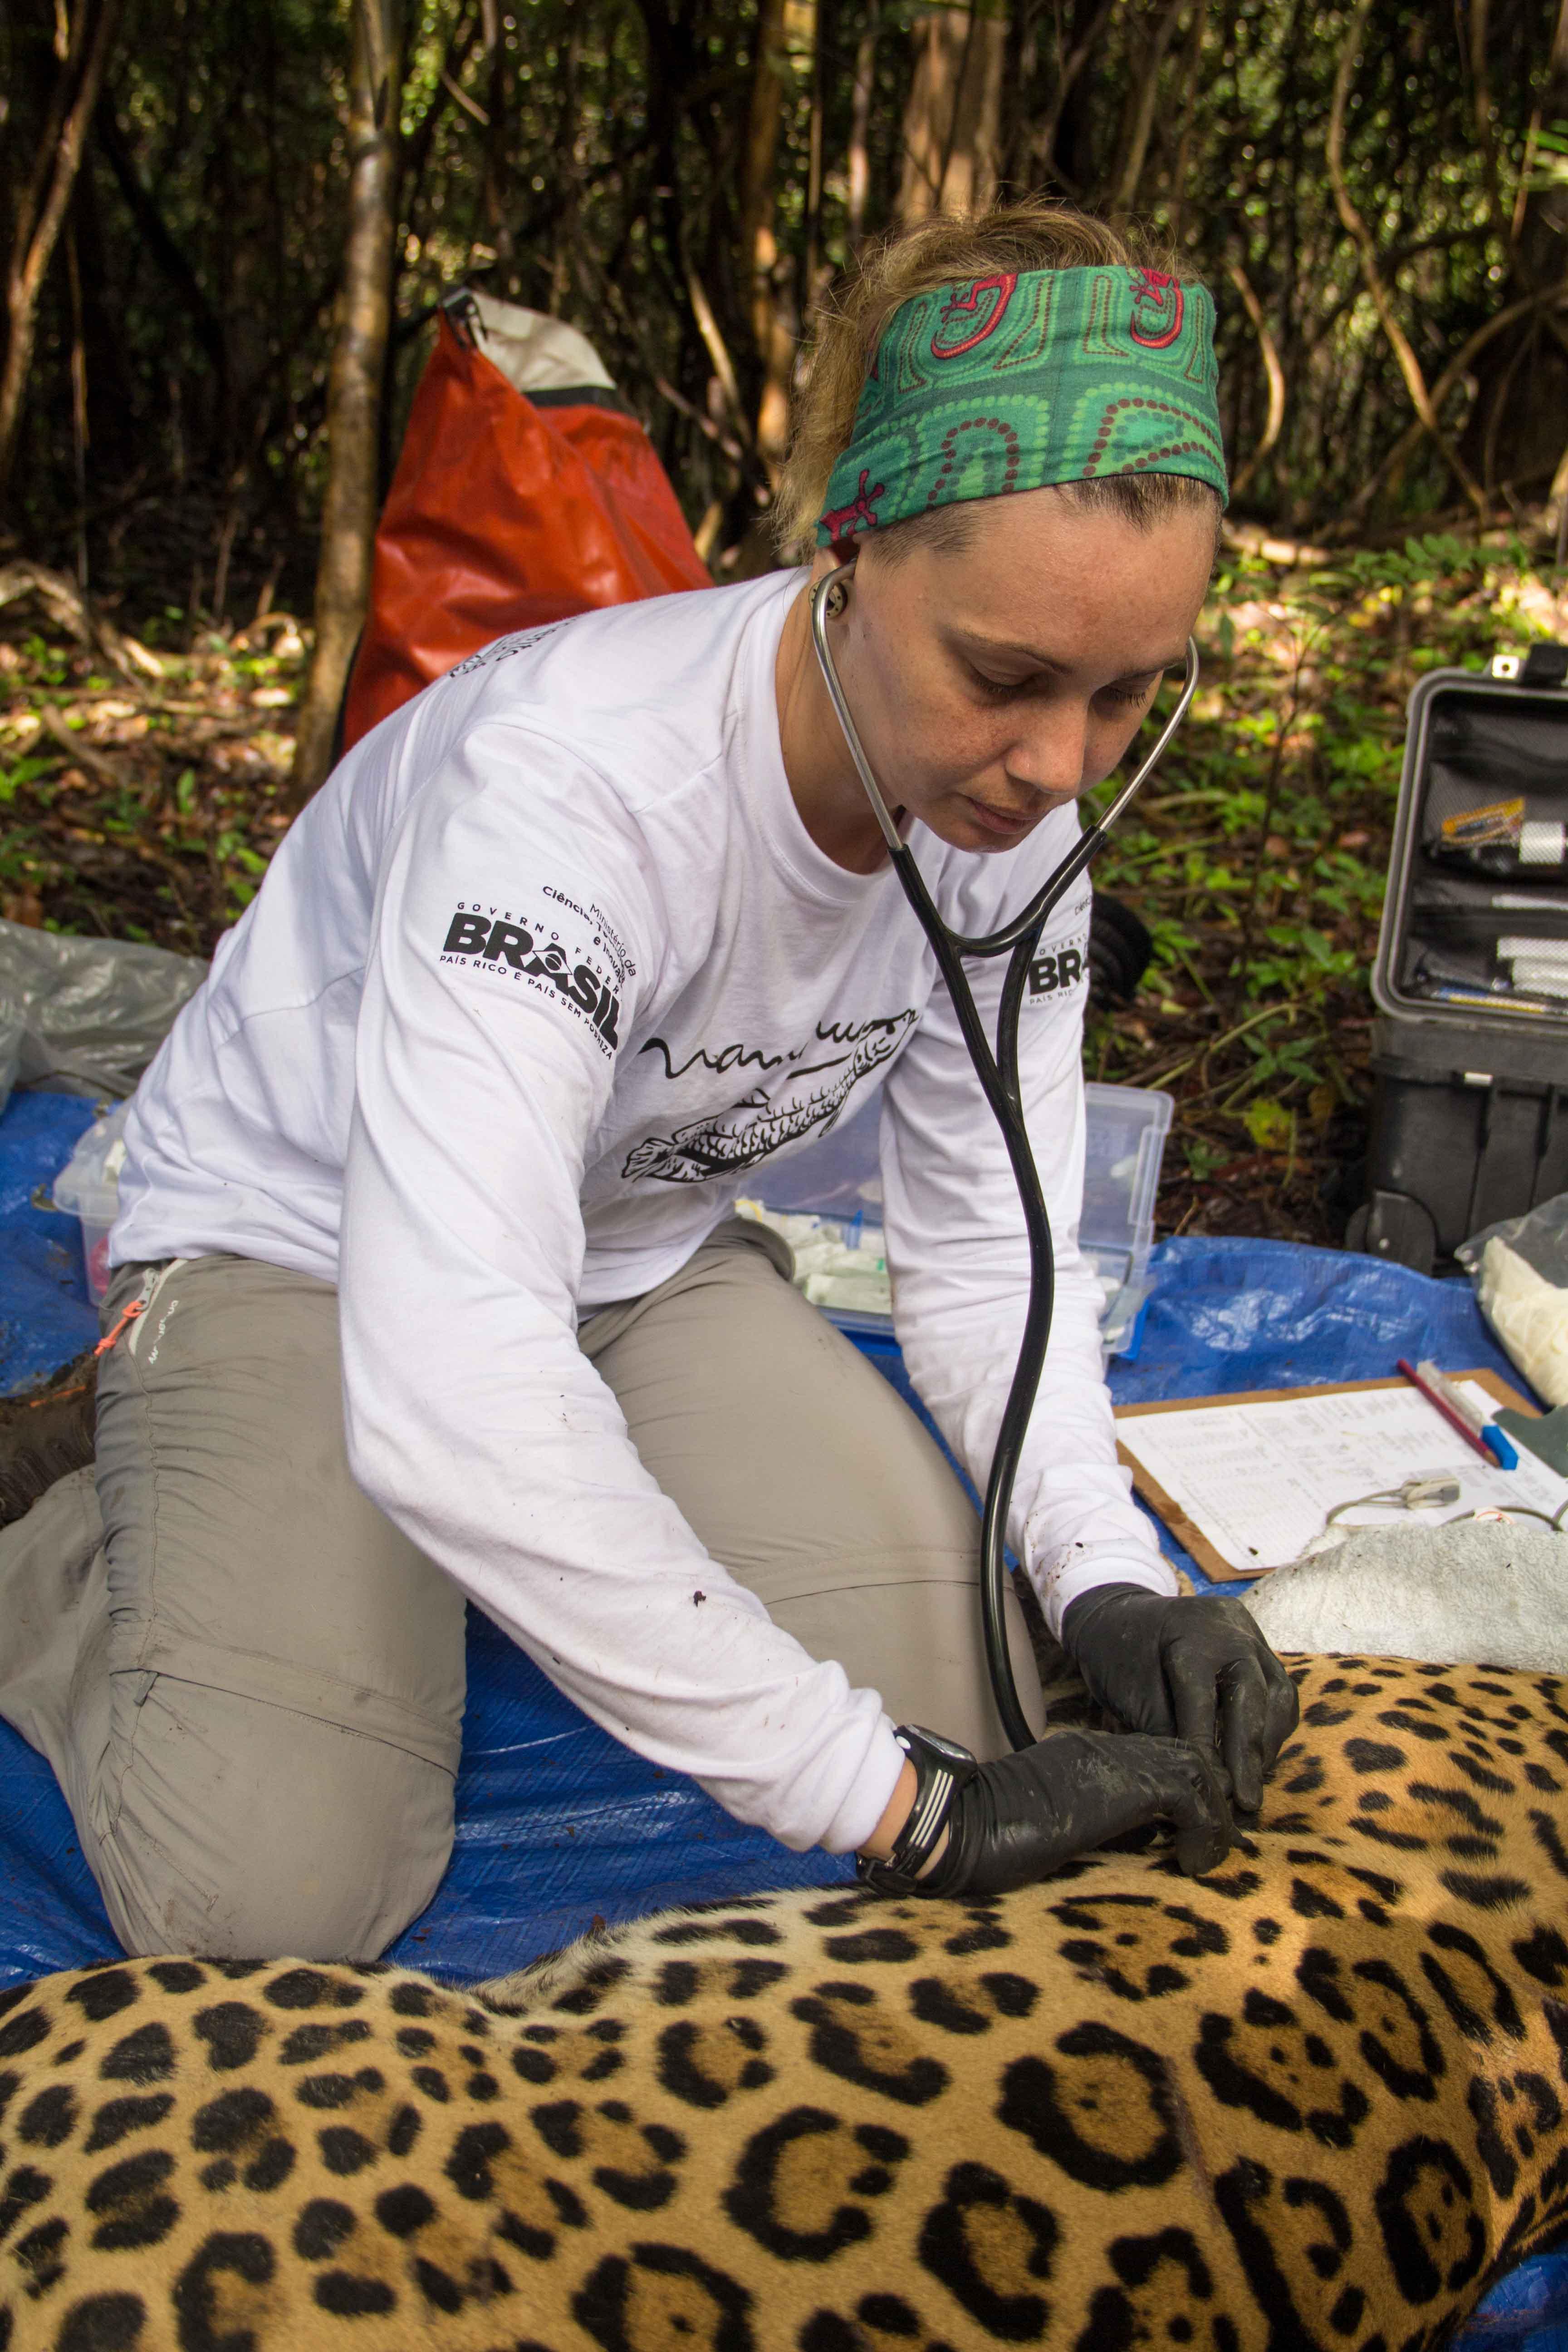 Monitoramento-onças-foto-Amanda-Lelis-ciclovivo3